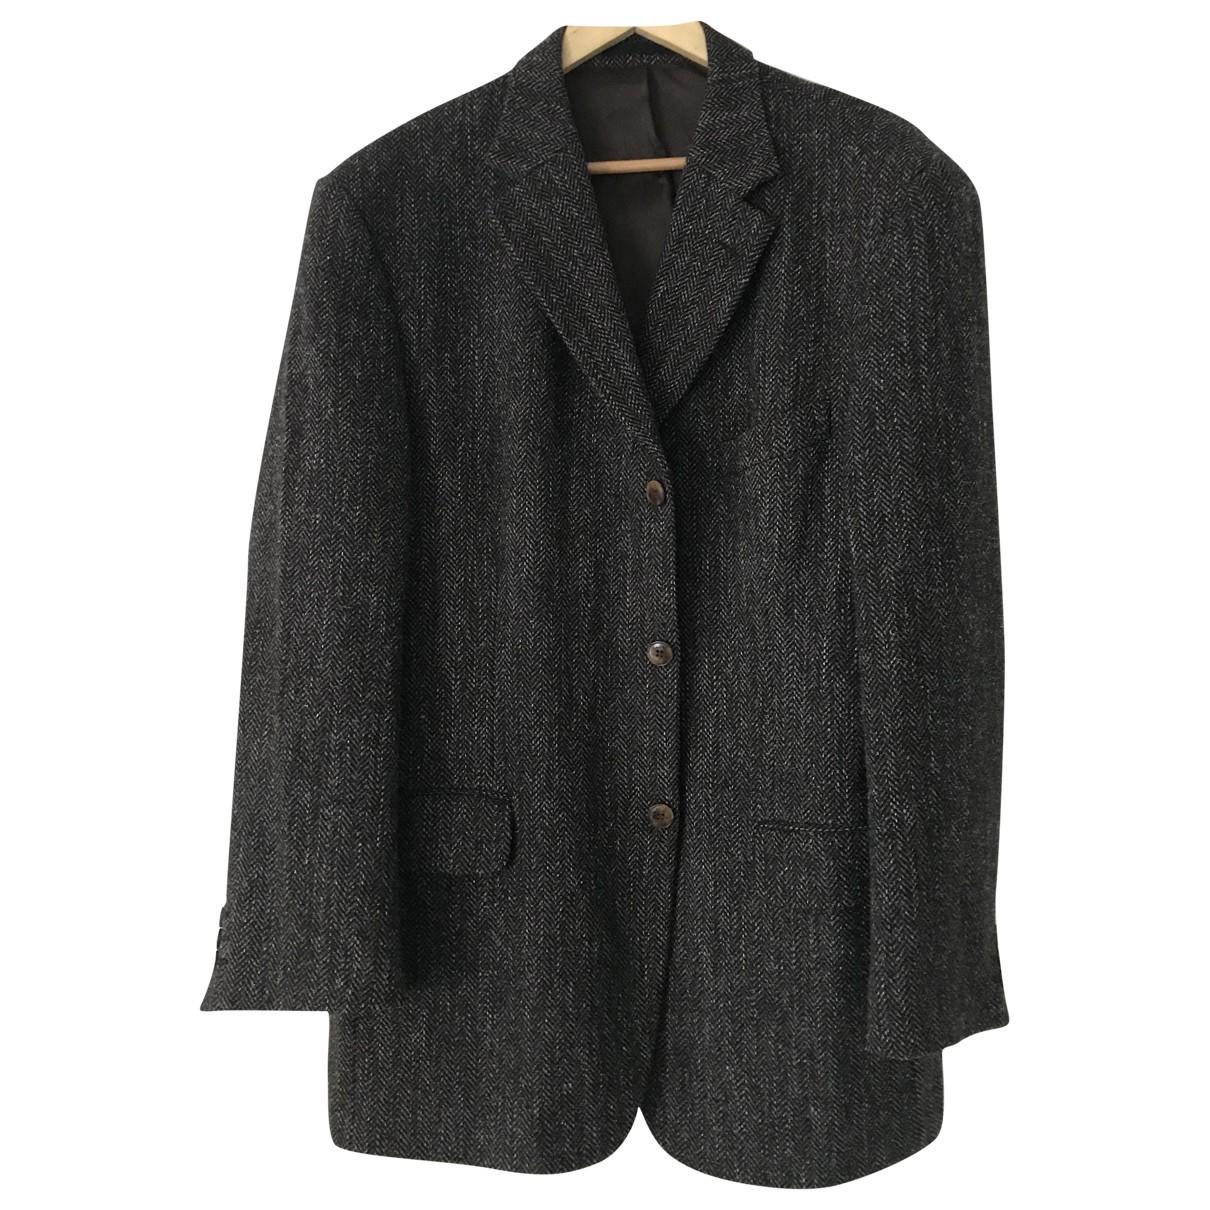 Courreges - Vestes.Blousons   pour homme en laine - marron